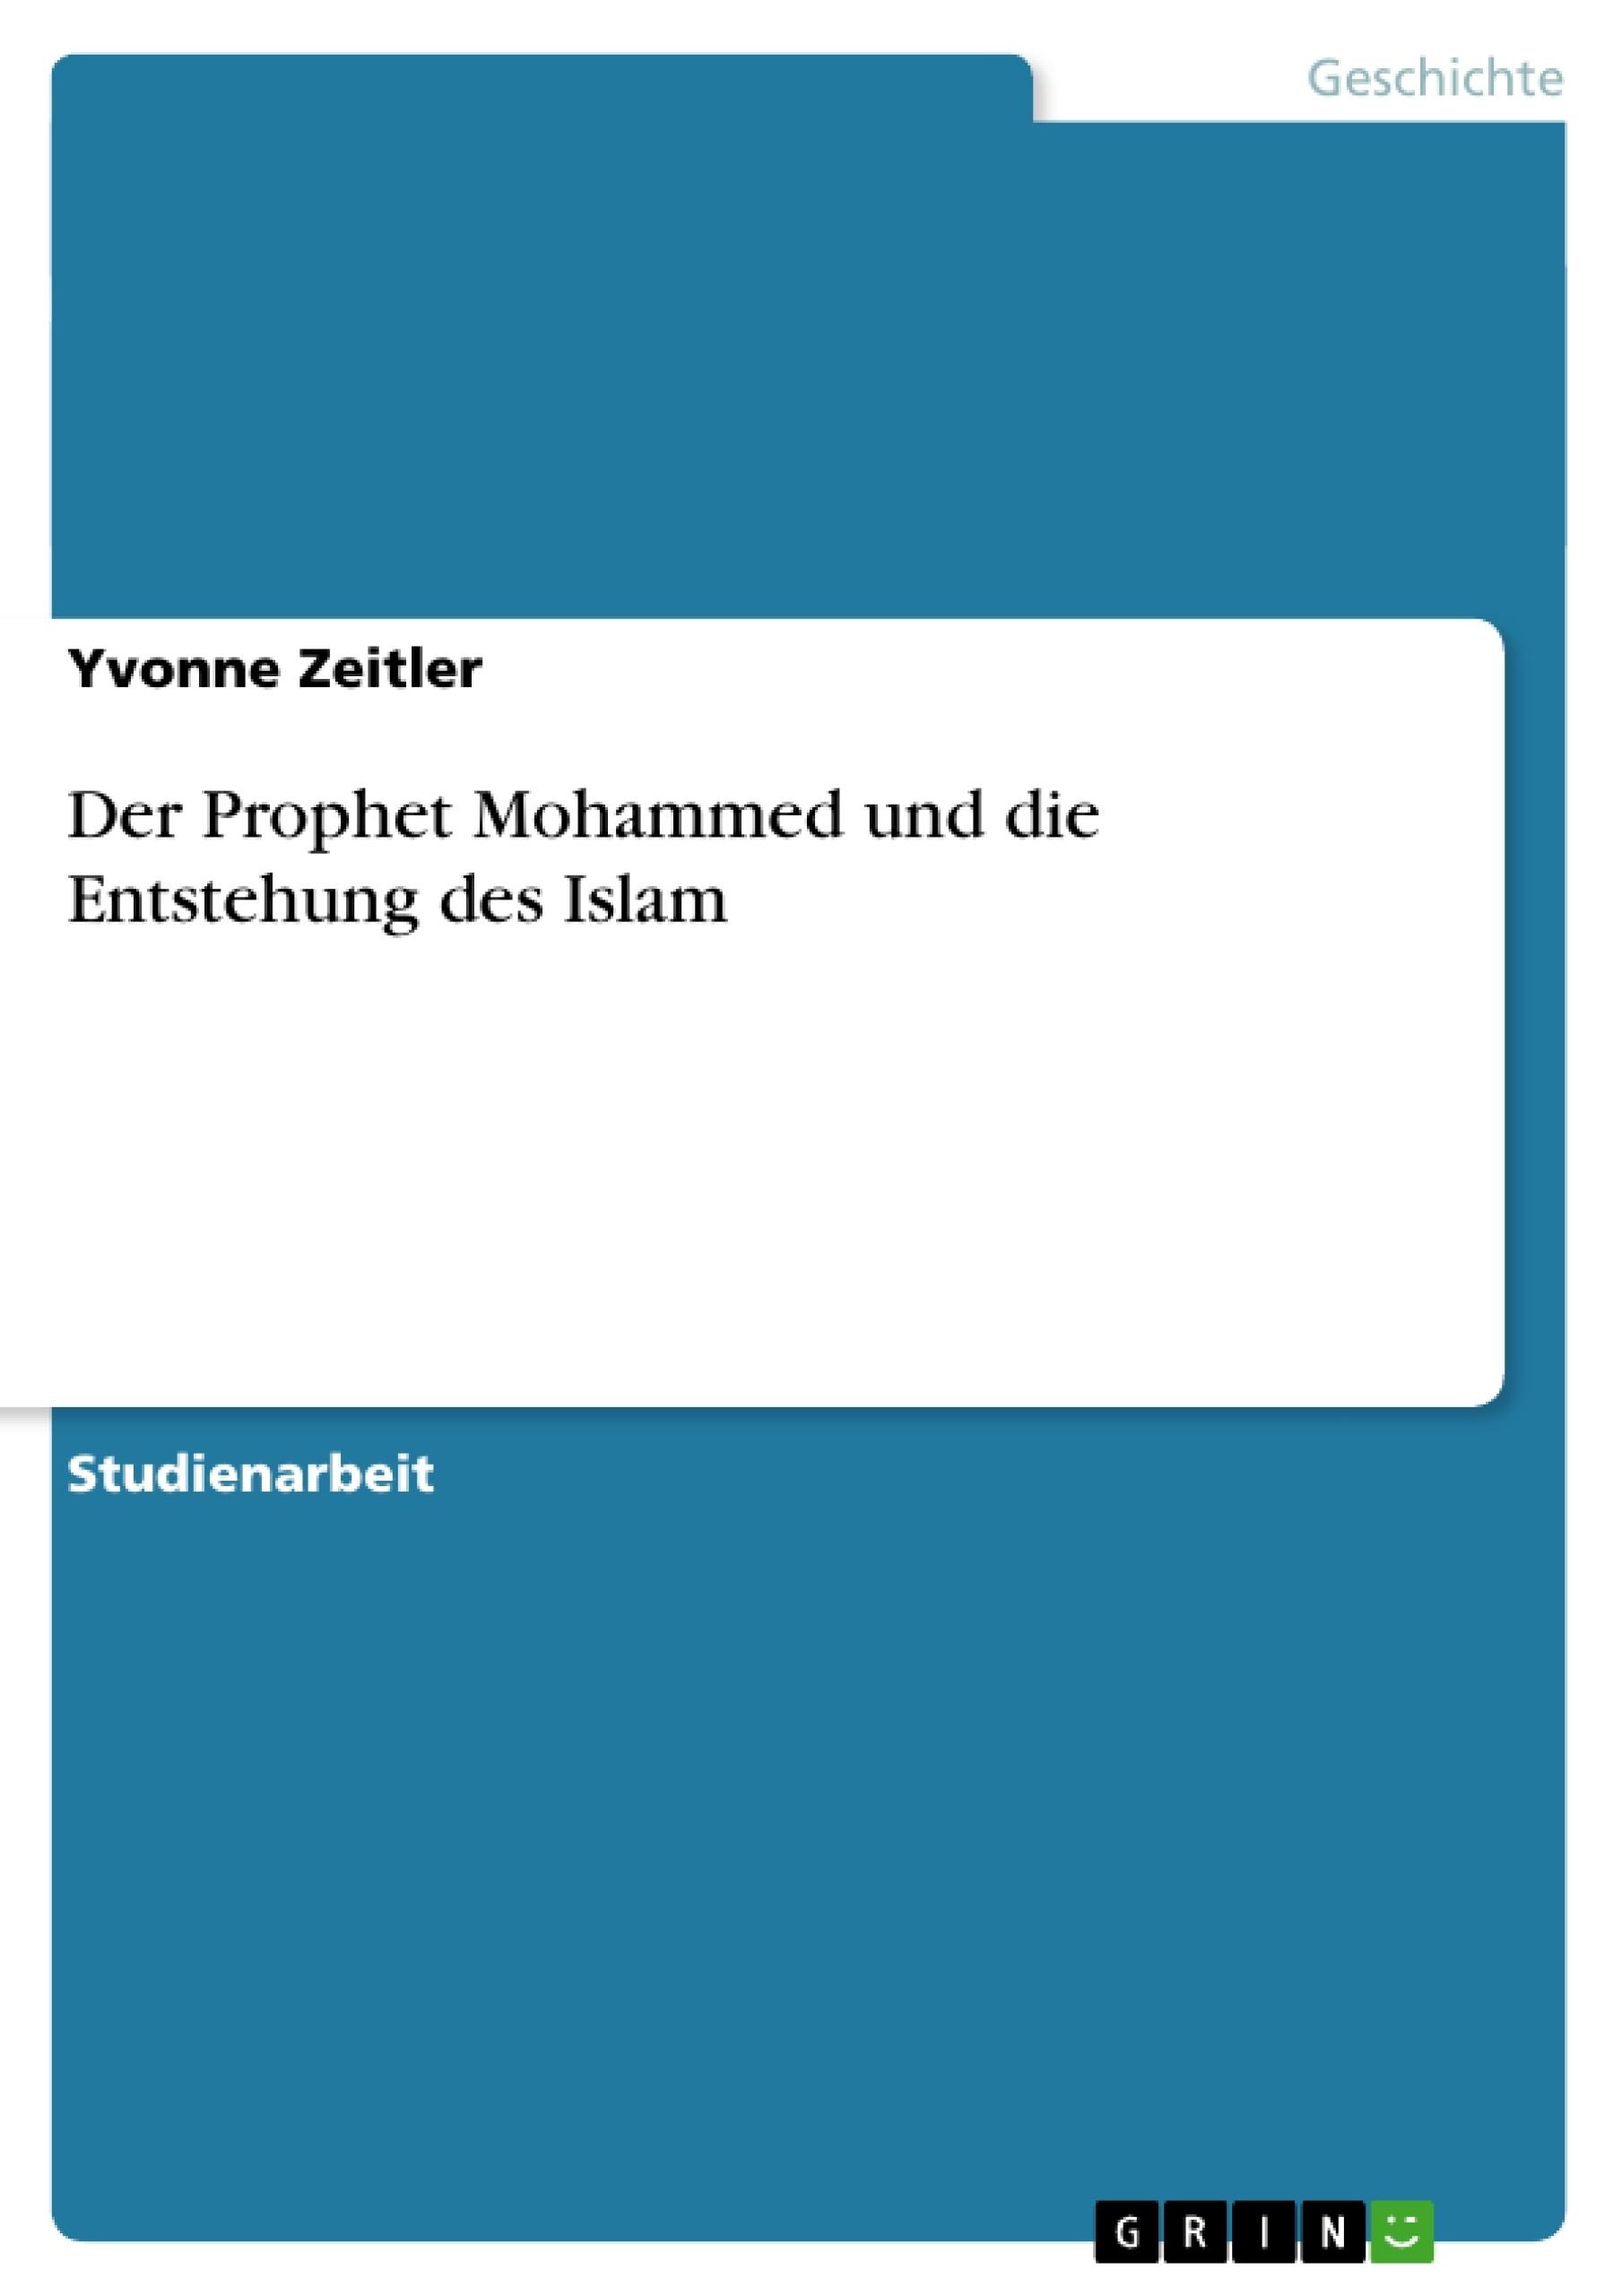 Titel: Der Prophet Mohammed und die Entstehung des Islam